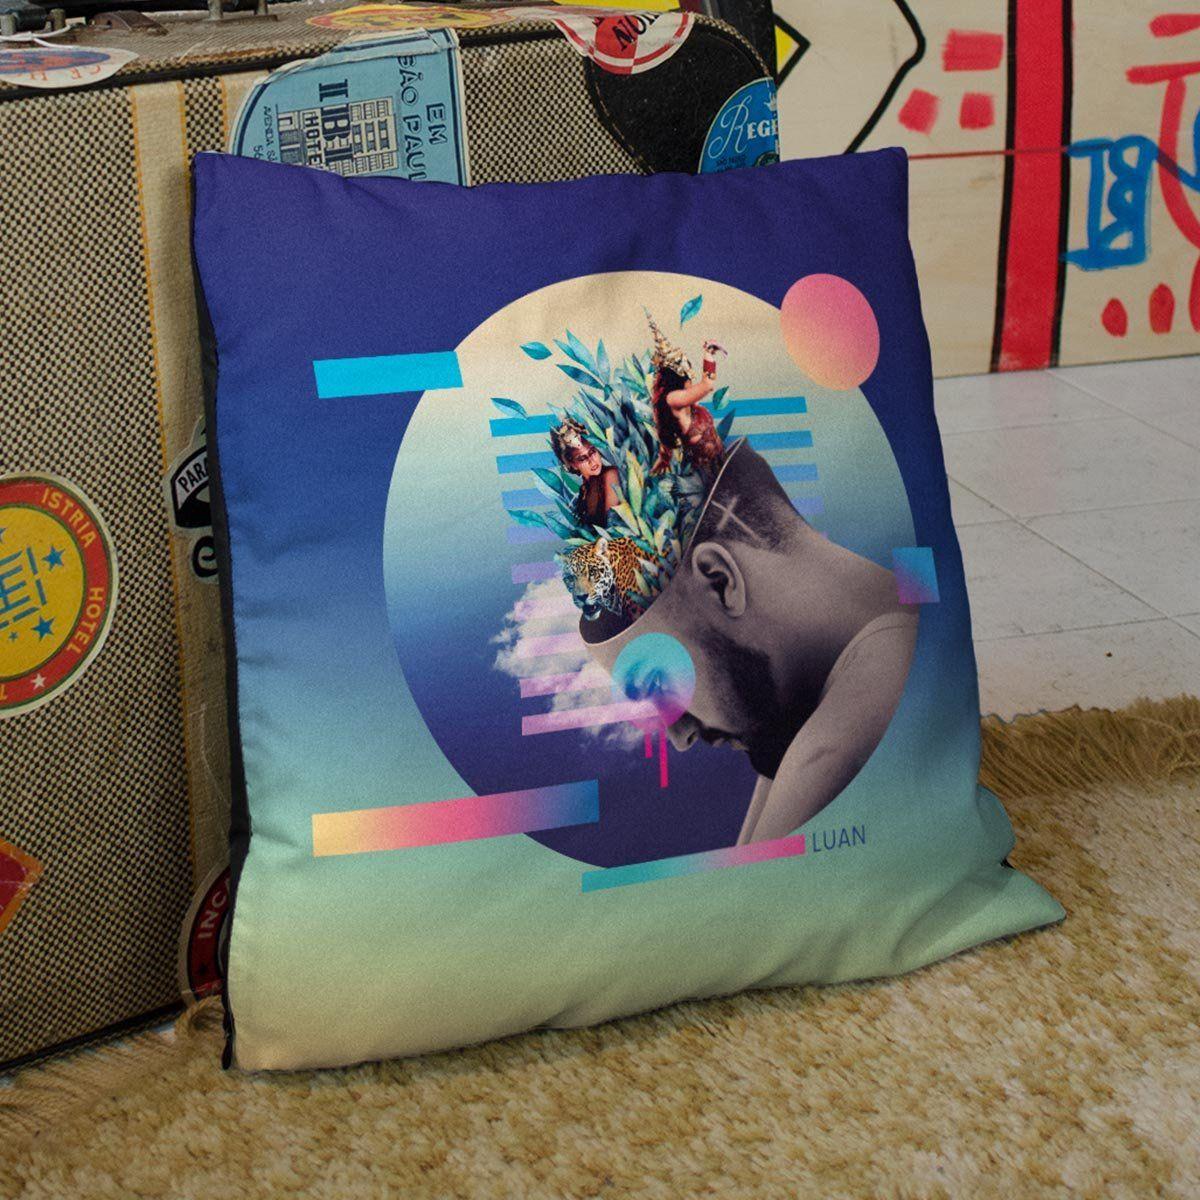 Almofada de Tecido Luan Santana Check-In